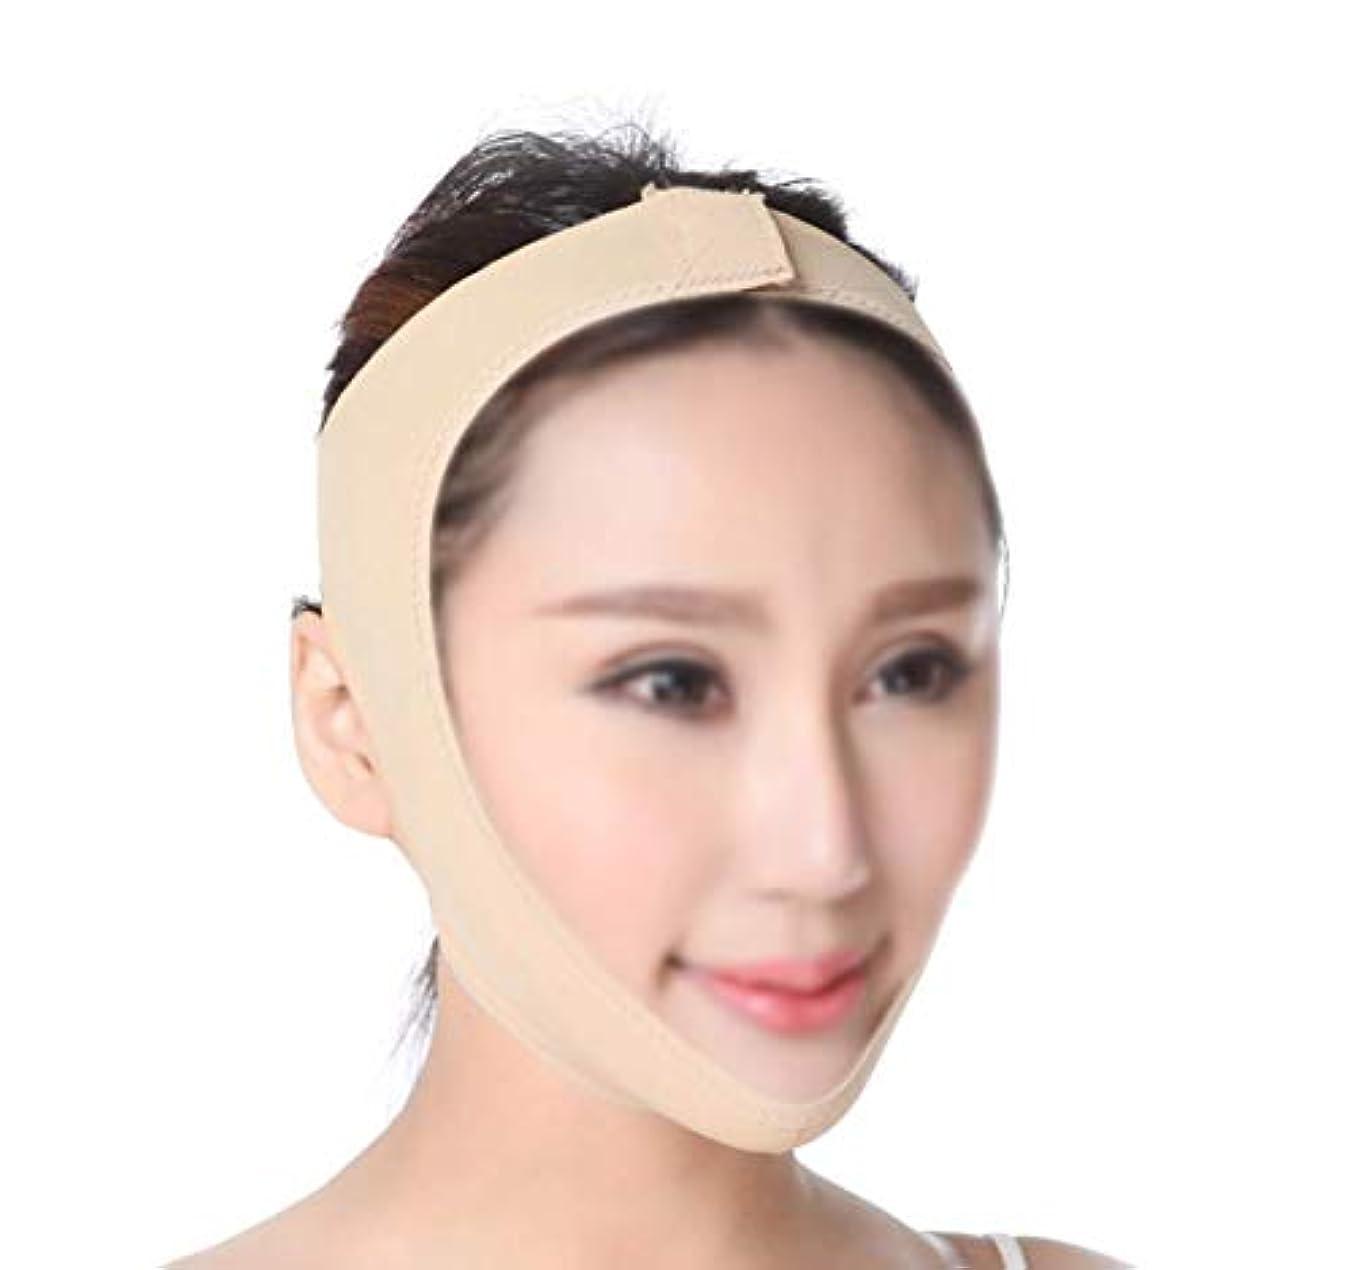 疲労ランタン考えるフェイスリフティング包帯、Vフェイスインストゥルメントフェイスマスクアーティファクト引き締めマスク手動フェイシャルマッサージ通気性肌のトーン(サイズ:M),Xl